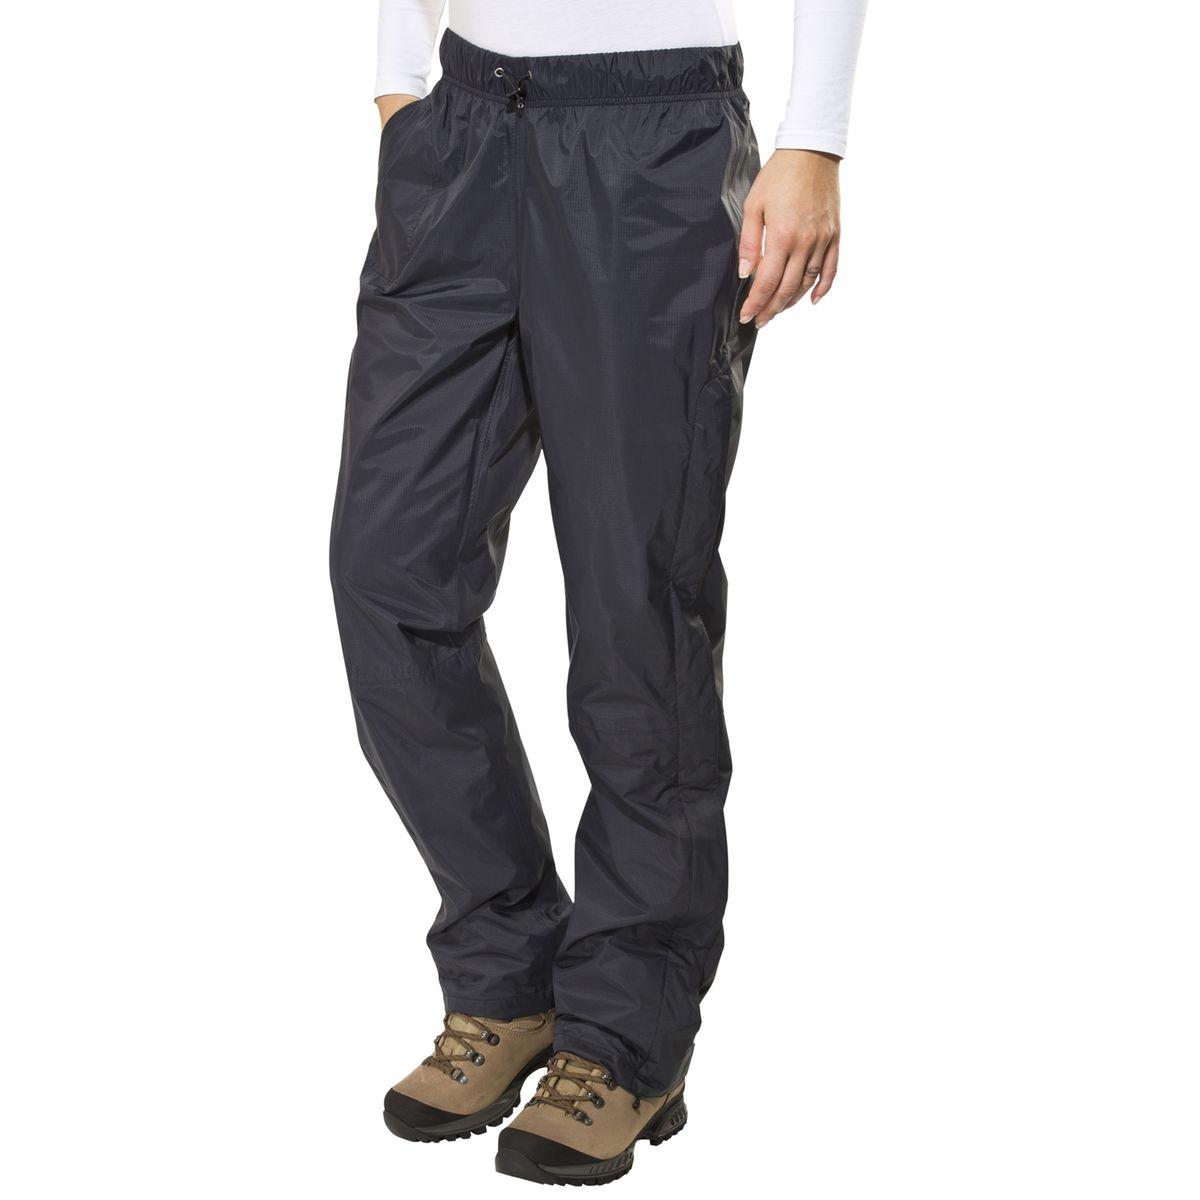 Pouring Adventure - Pantalon de pluie Femme - Regular noir